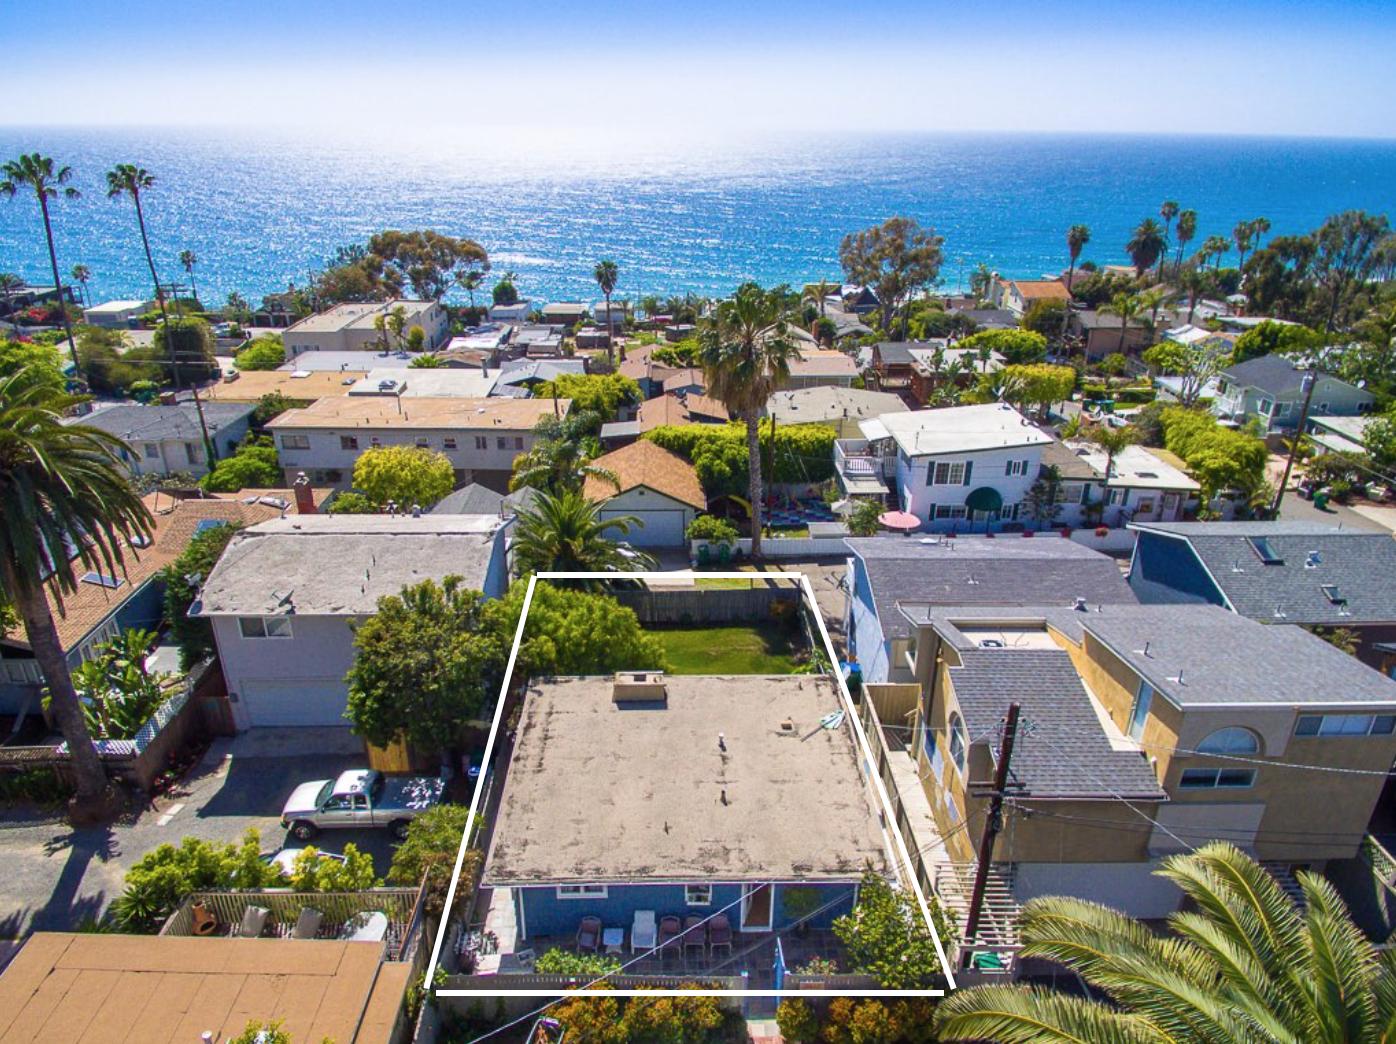 独户住宅 为 销售 在 31865 Seaview Street 拉古纳, 加利福尼亚州, 92651 美国